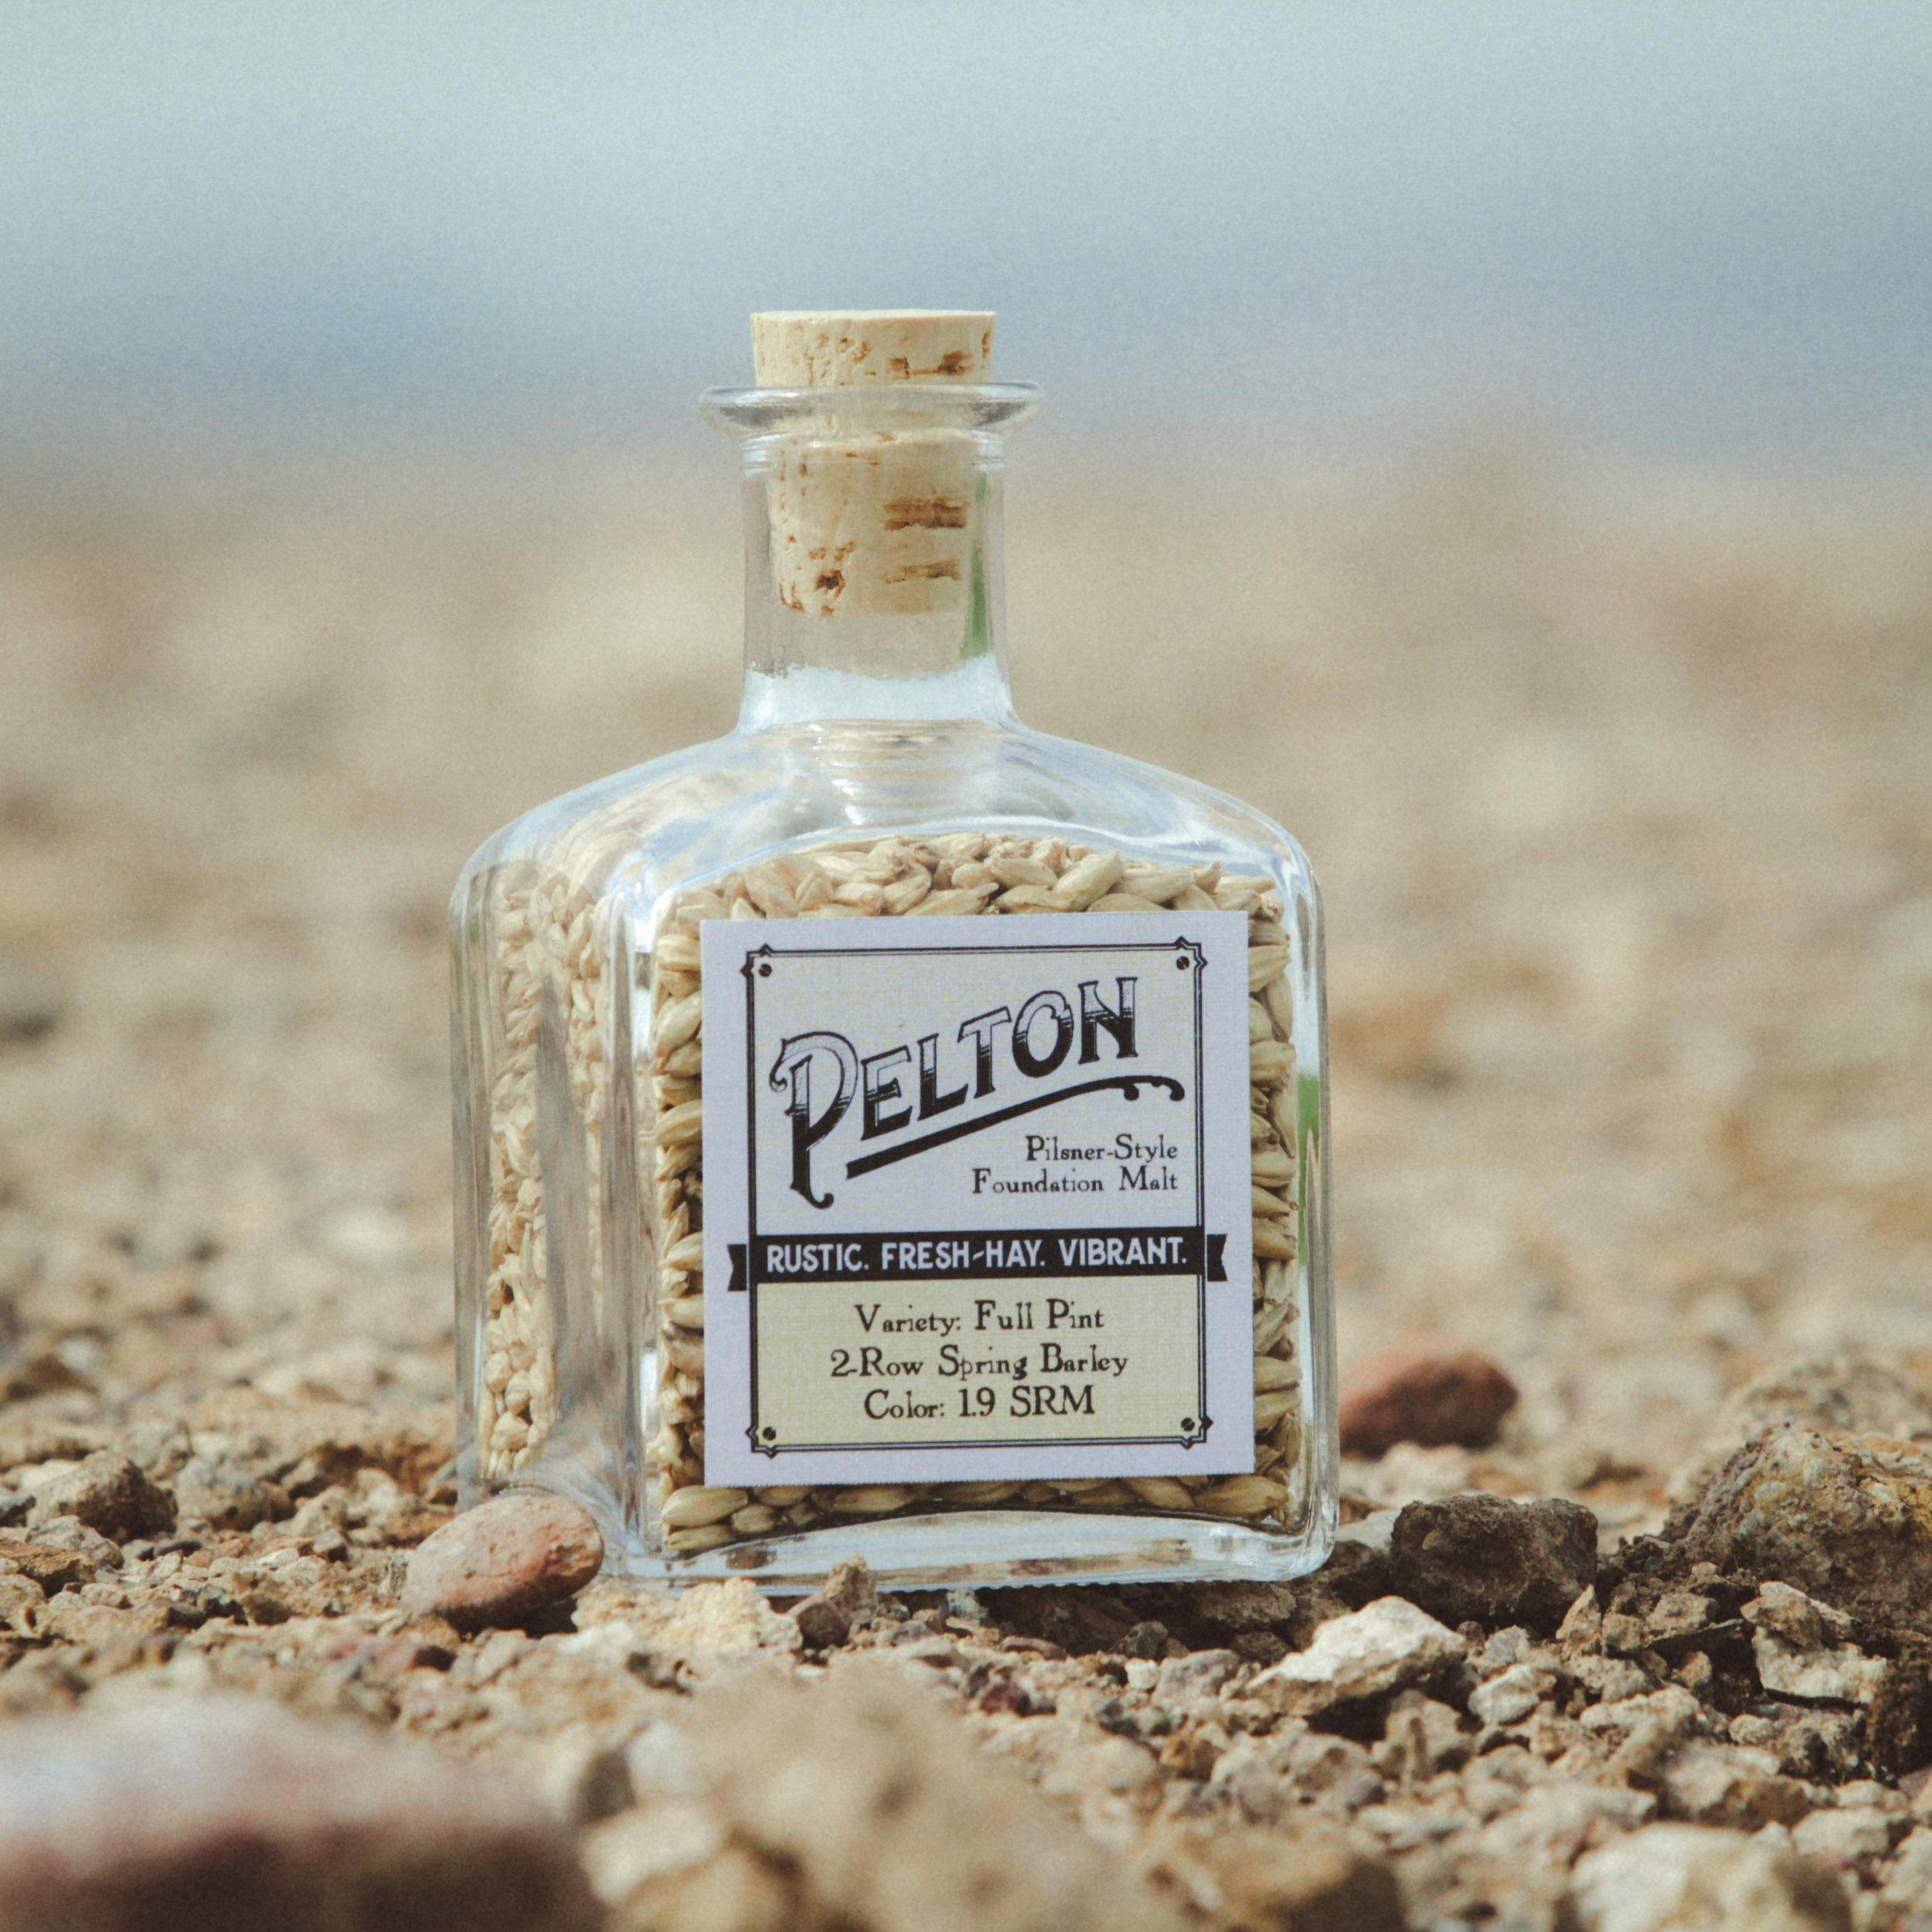 Pelton Pilsner Style Malt from Mecca Grade Estate Malt in Madras Oregon